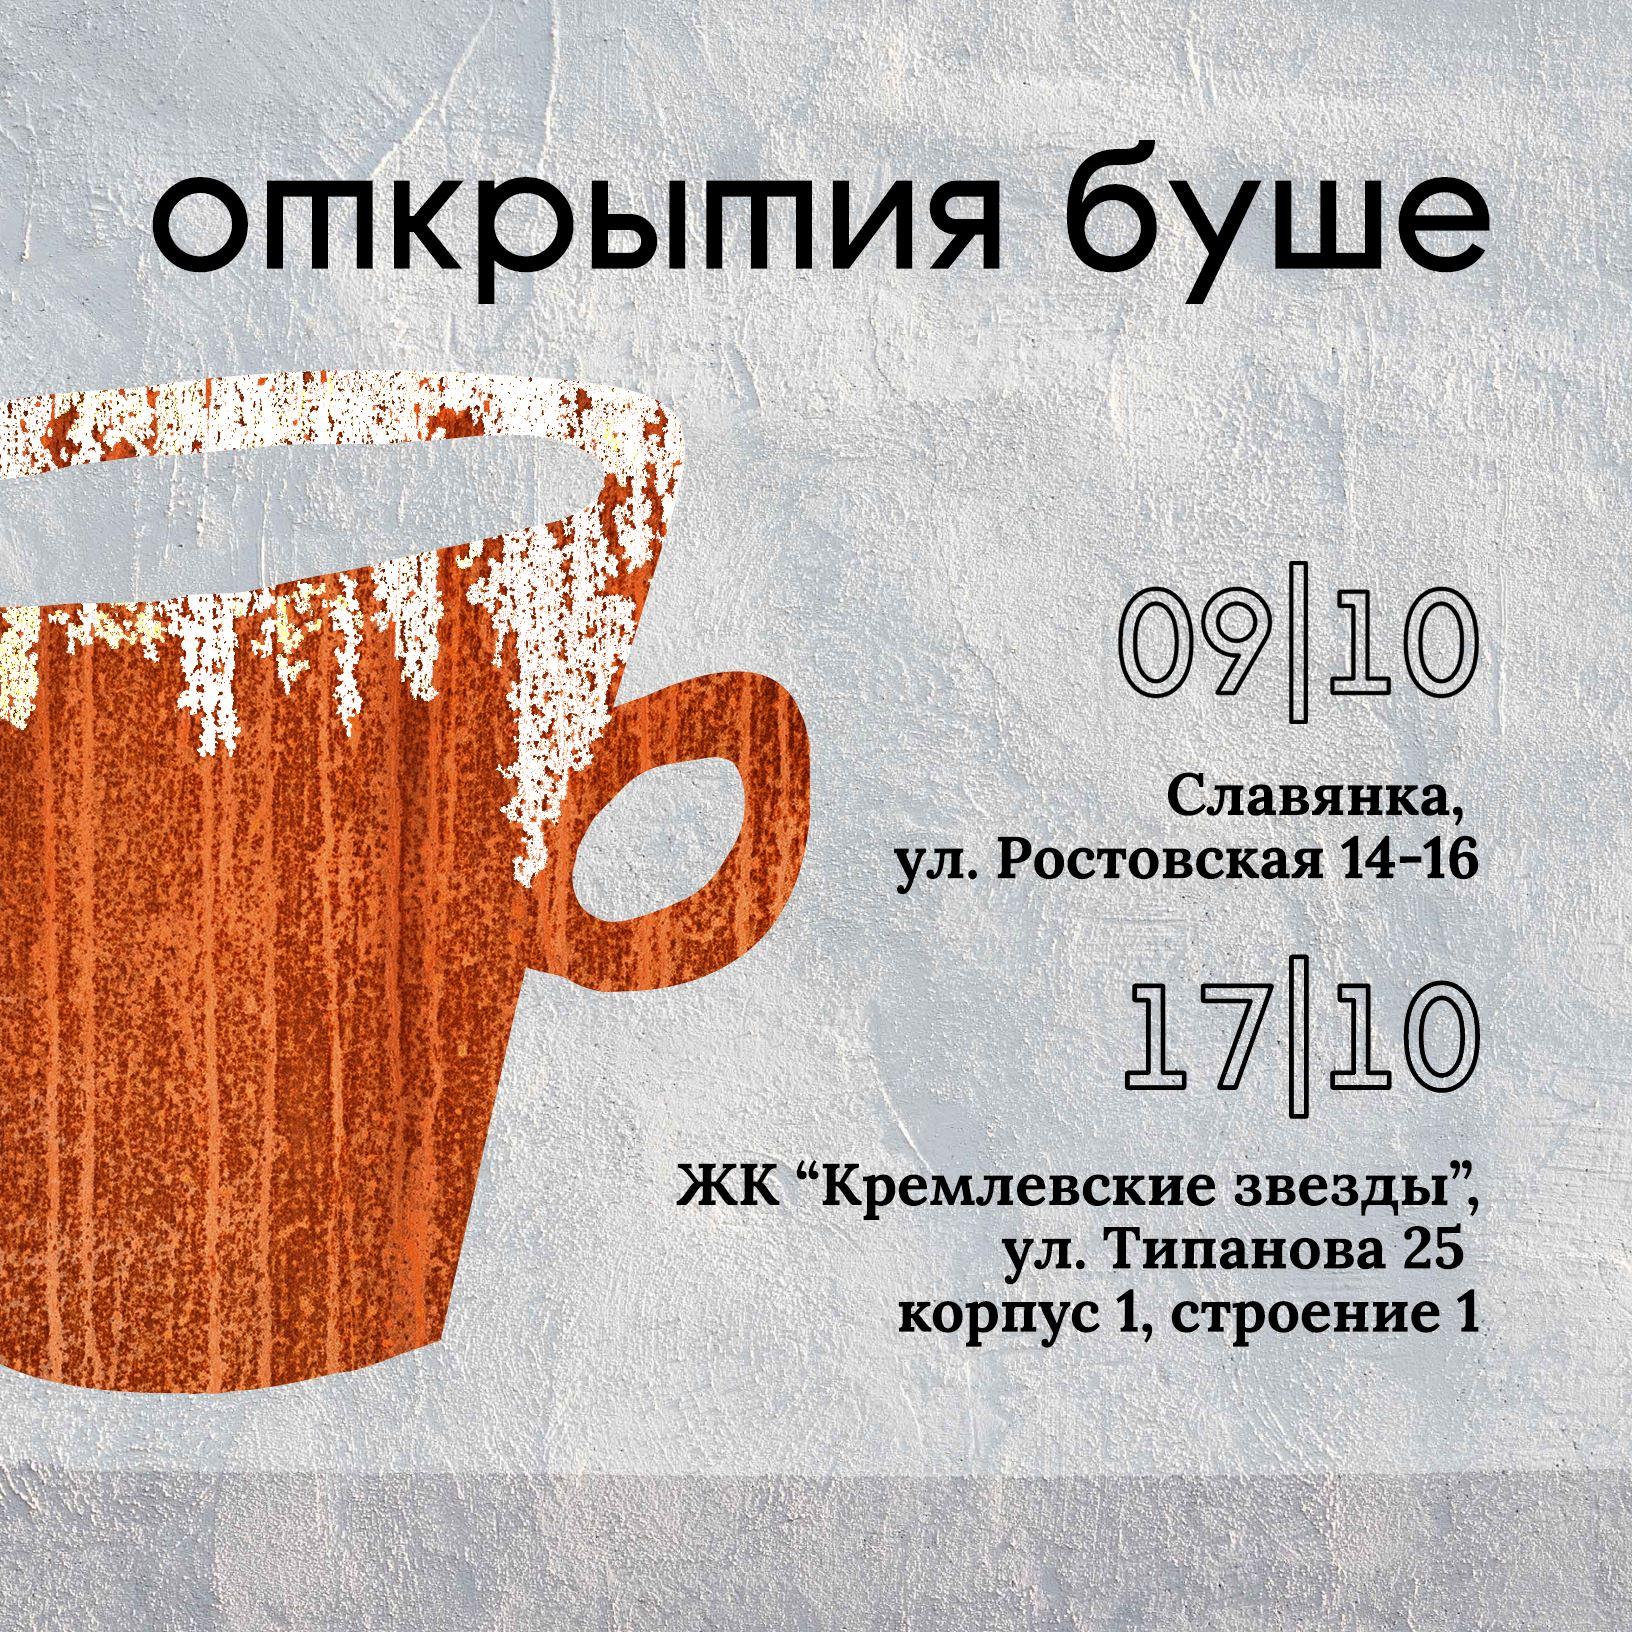 Открытие двух новых буше в Санкт-Петербурге!